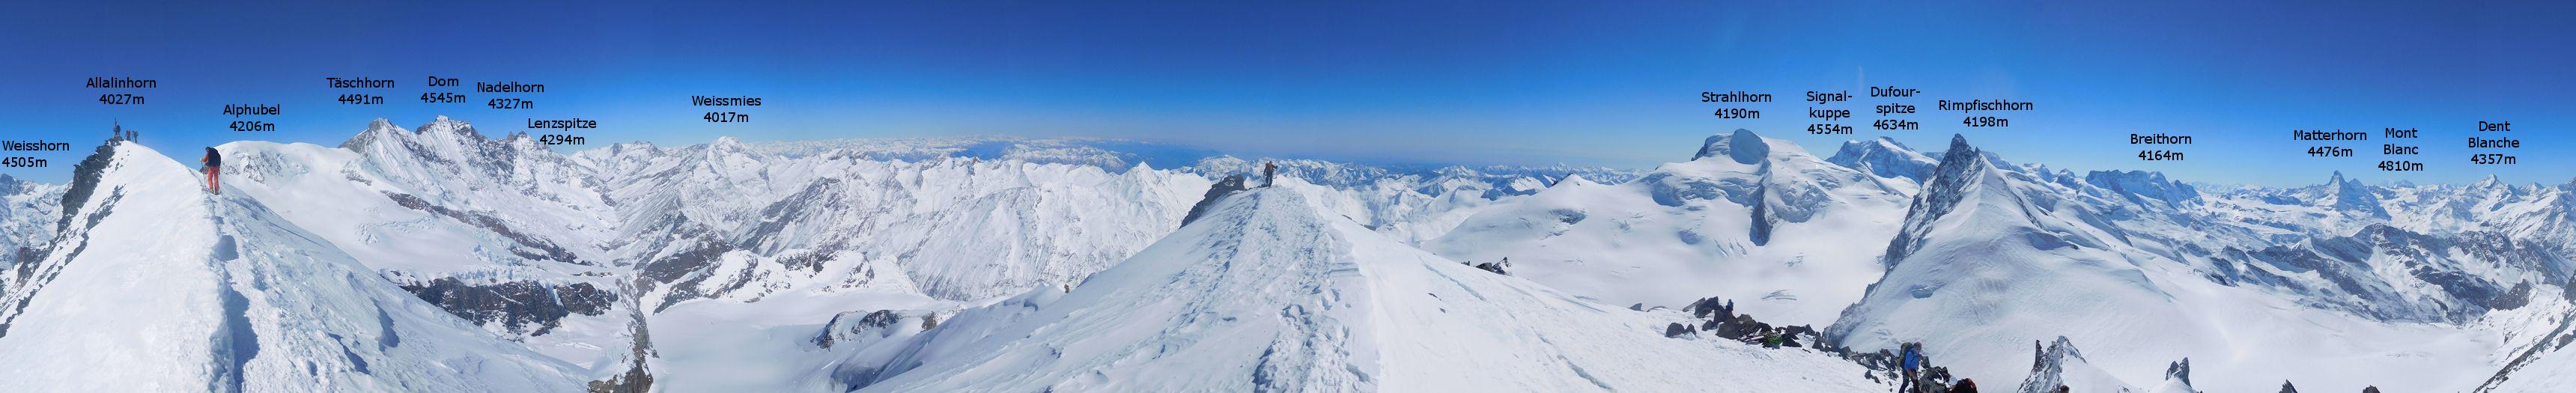 Panorama_Allalinhorn